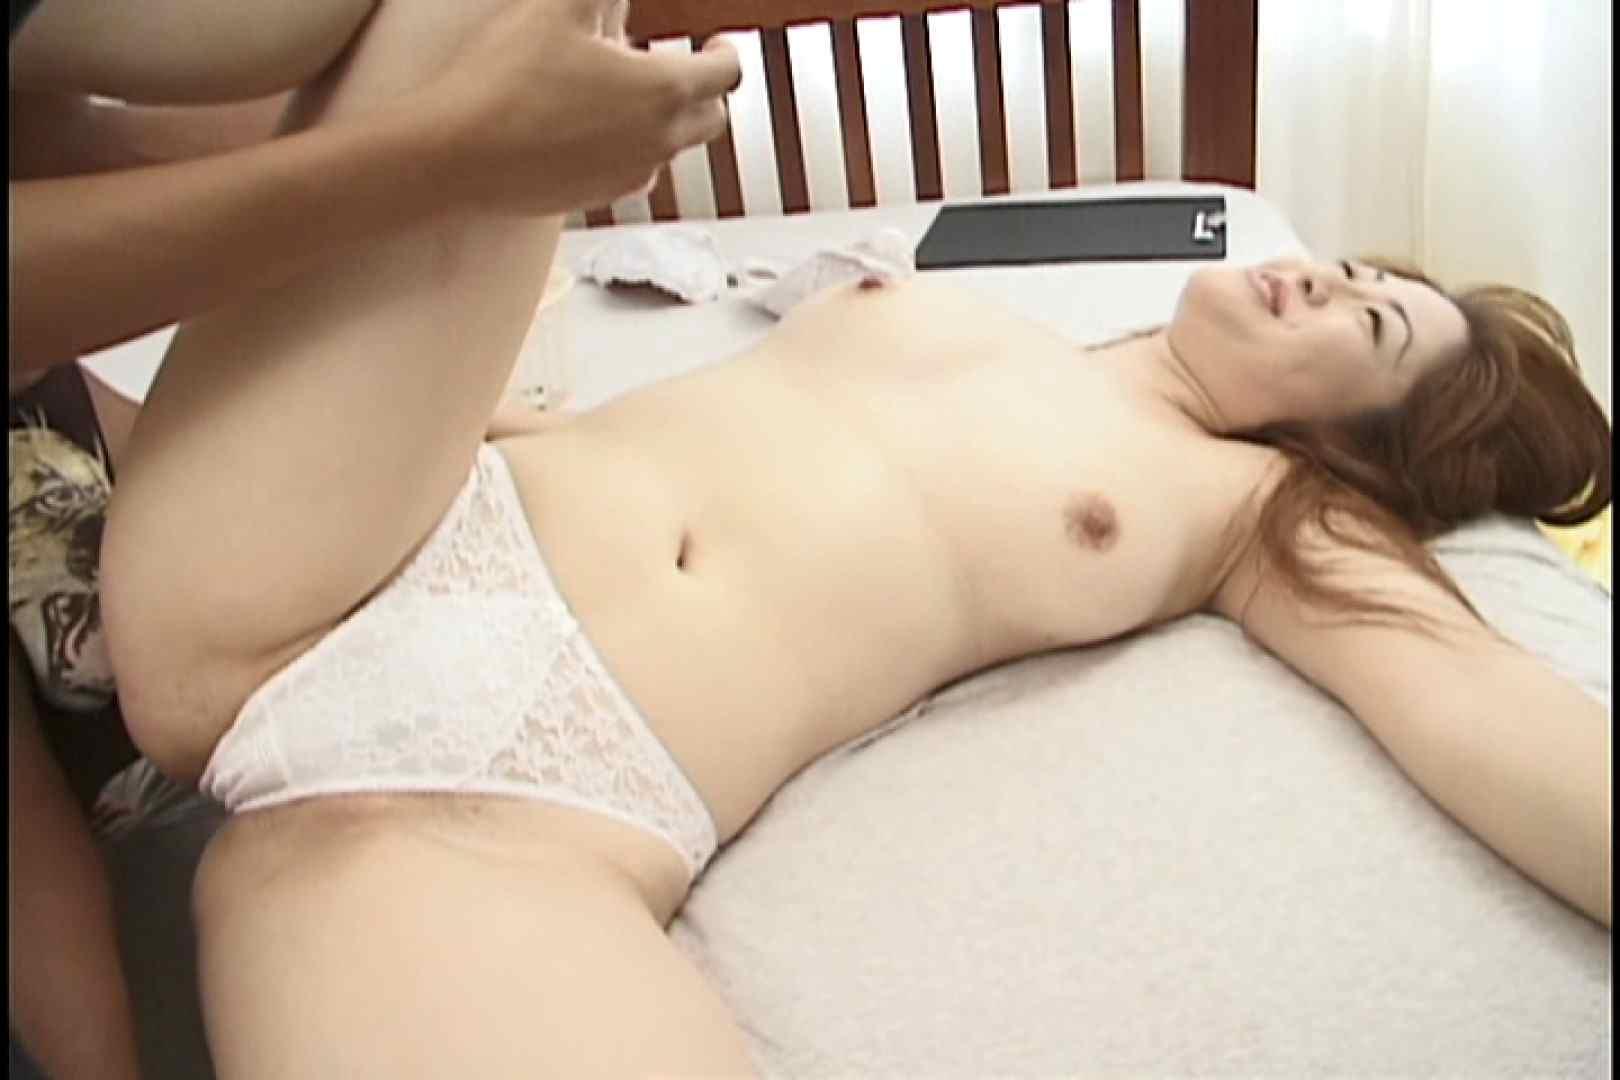 昼間の奥様は欲求不満 ~青井祐子~ ギャル達のSEX | ギャルの乳首  62画像 58